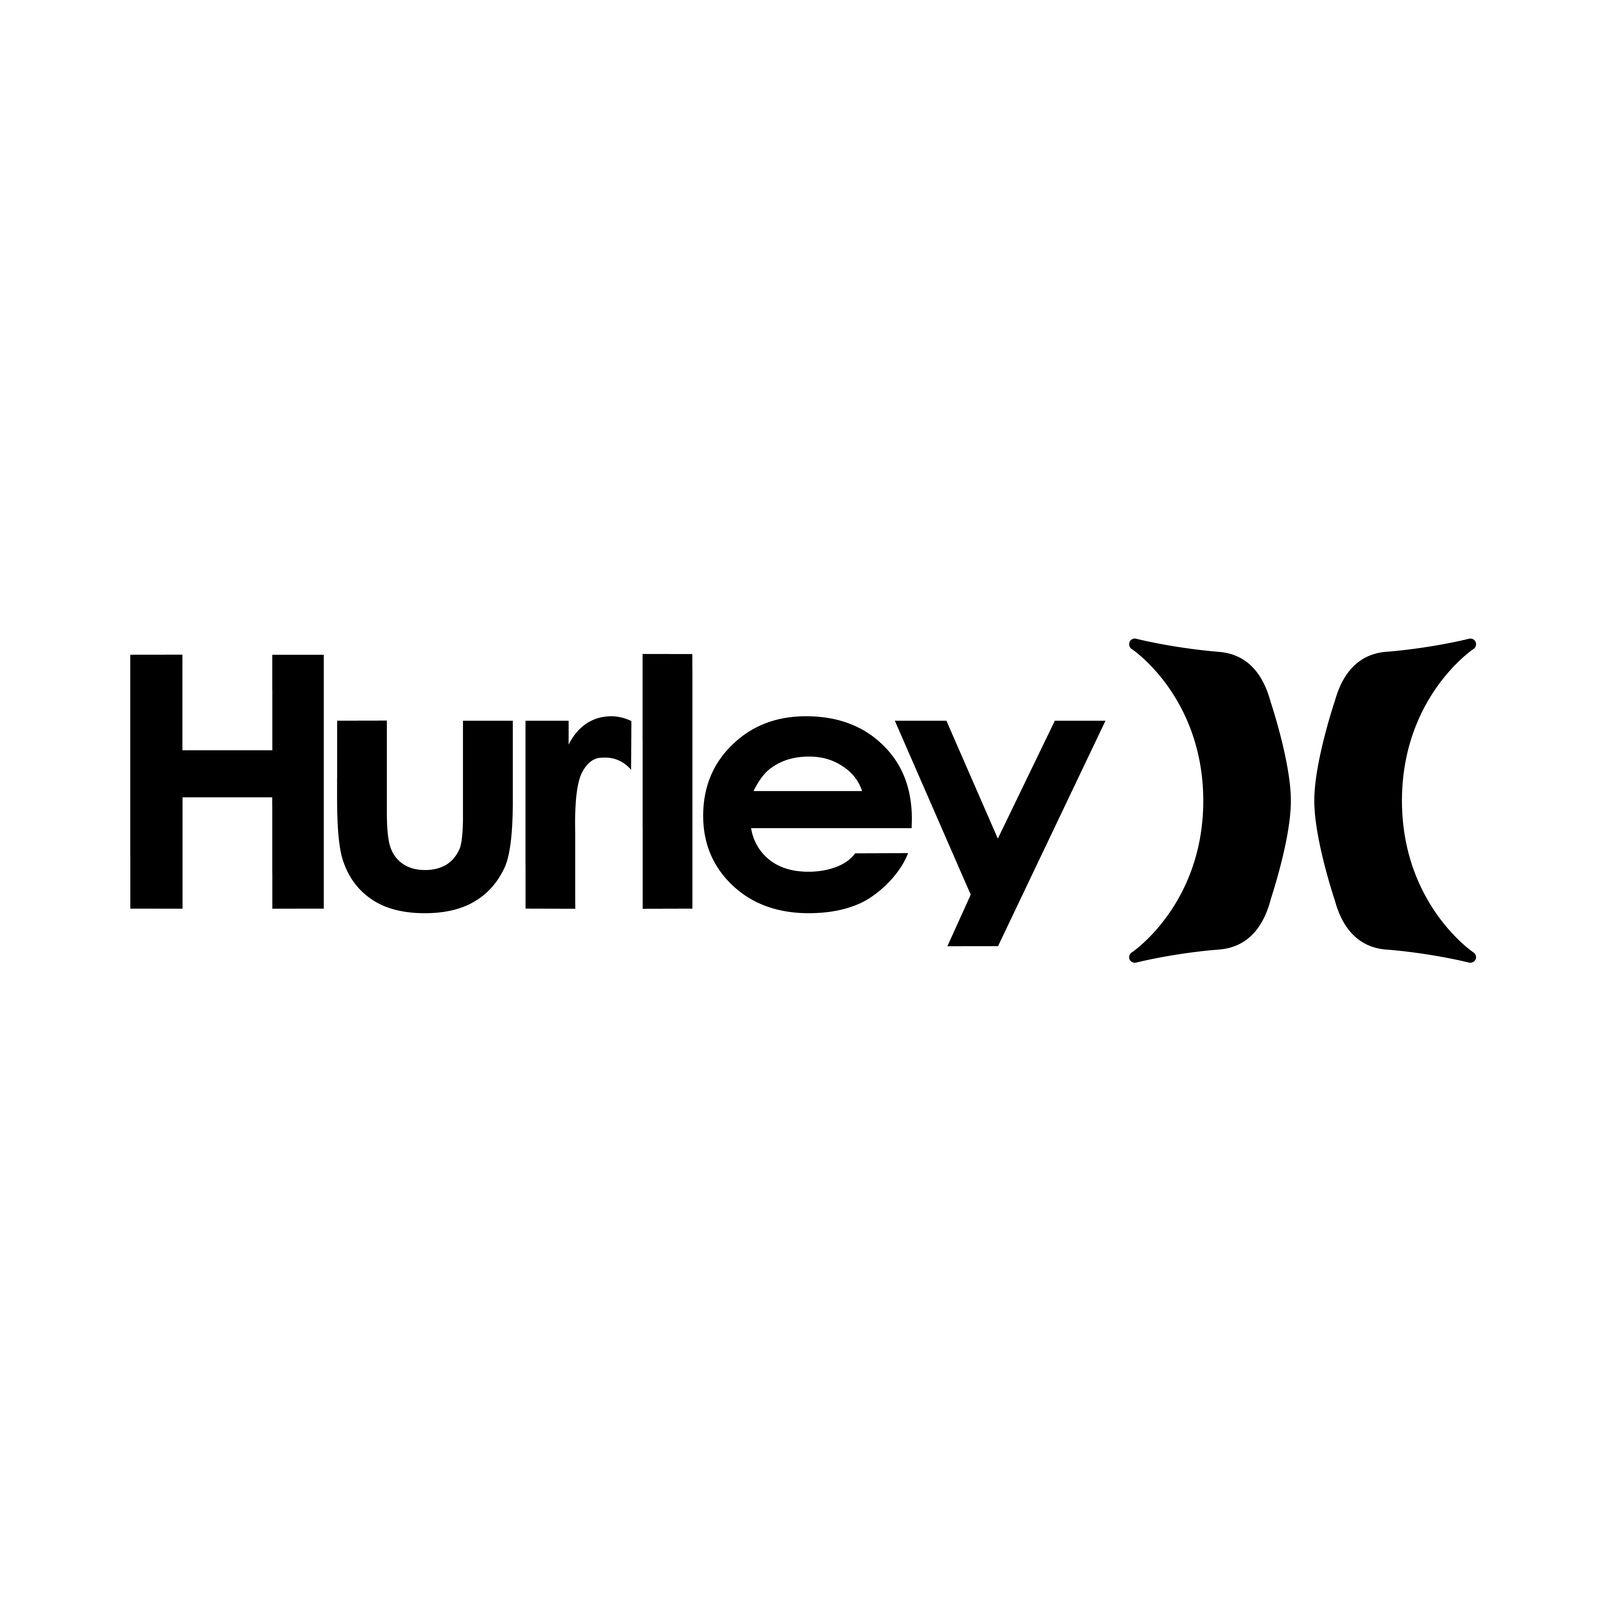 HURLEY (Изображение 1)